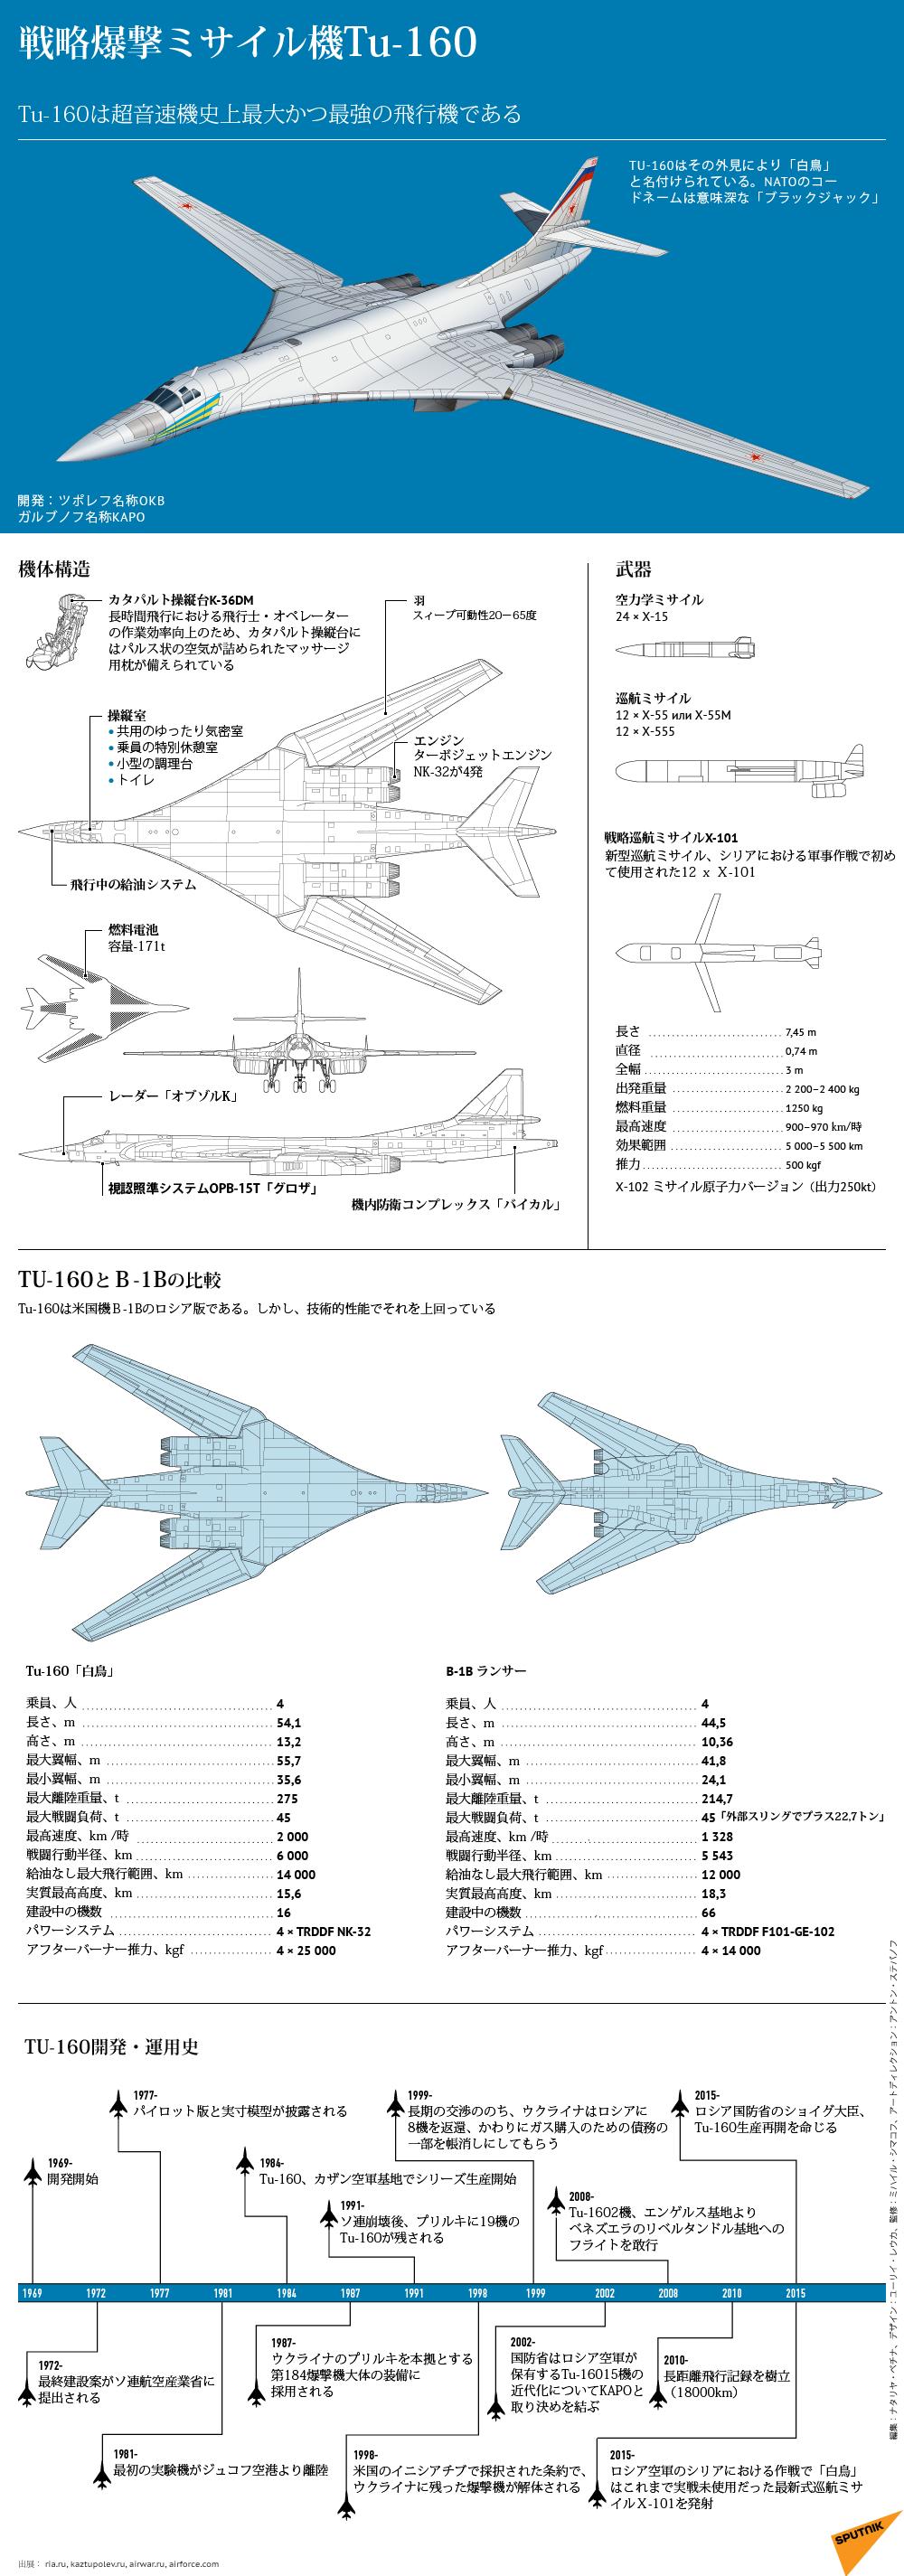 戦略爆撃ミサイル機Tu-160 - Sputnik 日本